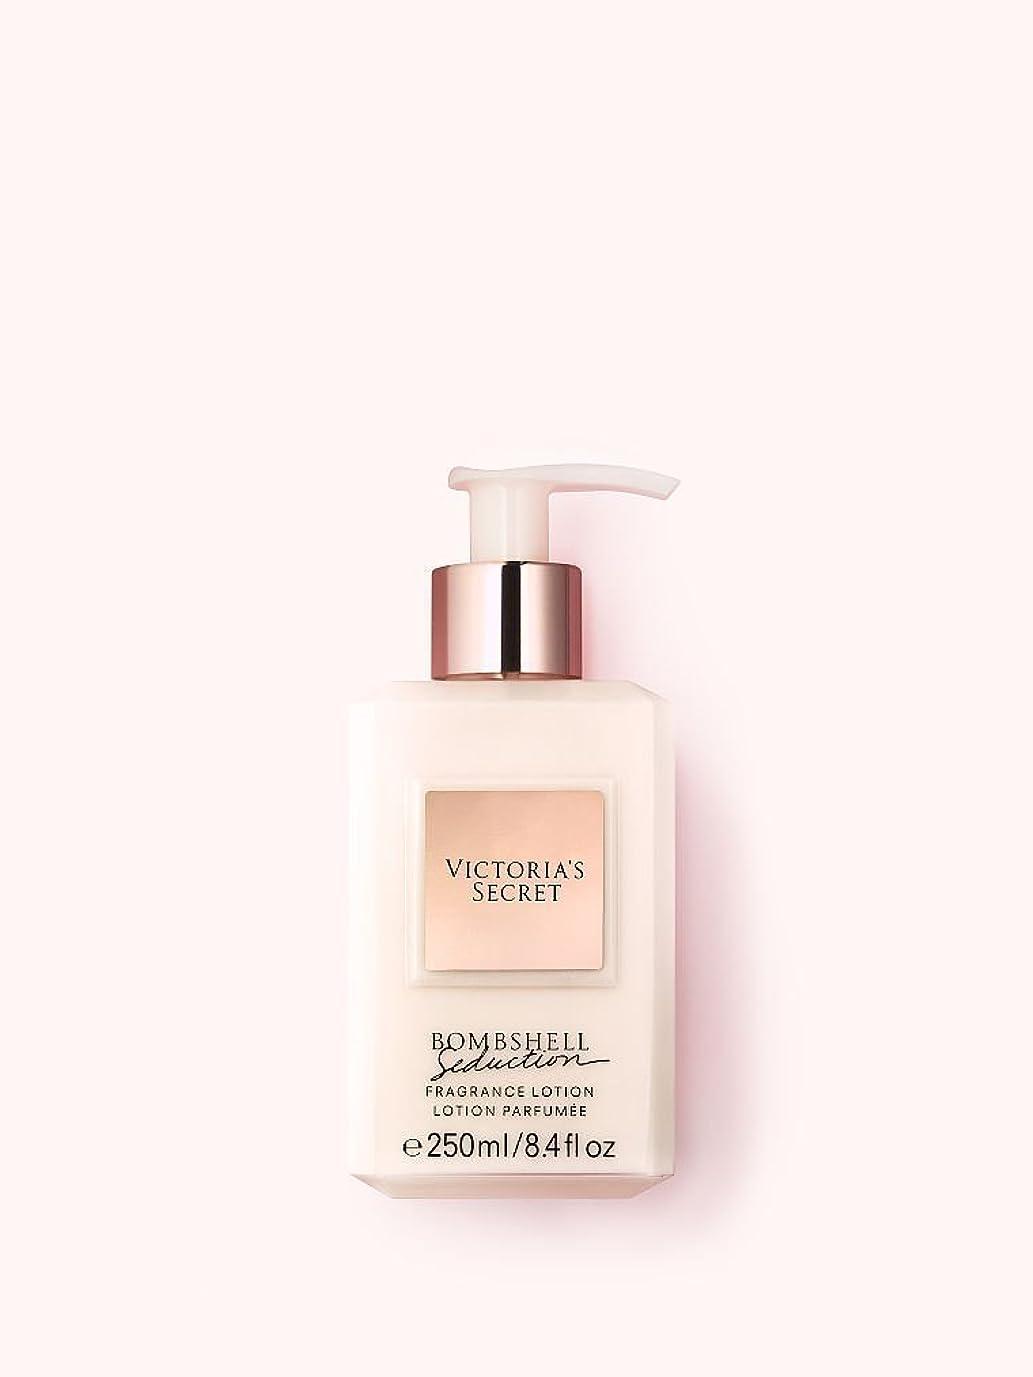 ケーブル臭い尊厳【並行輸入品】Victoria's Secret Bombshell Seduction Fragrance Lotion ヴィクトリアズシークレットボムシェルセダクションローション